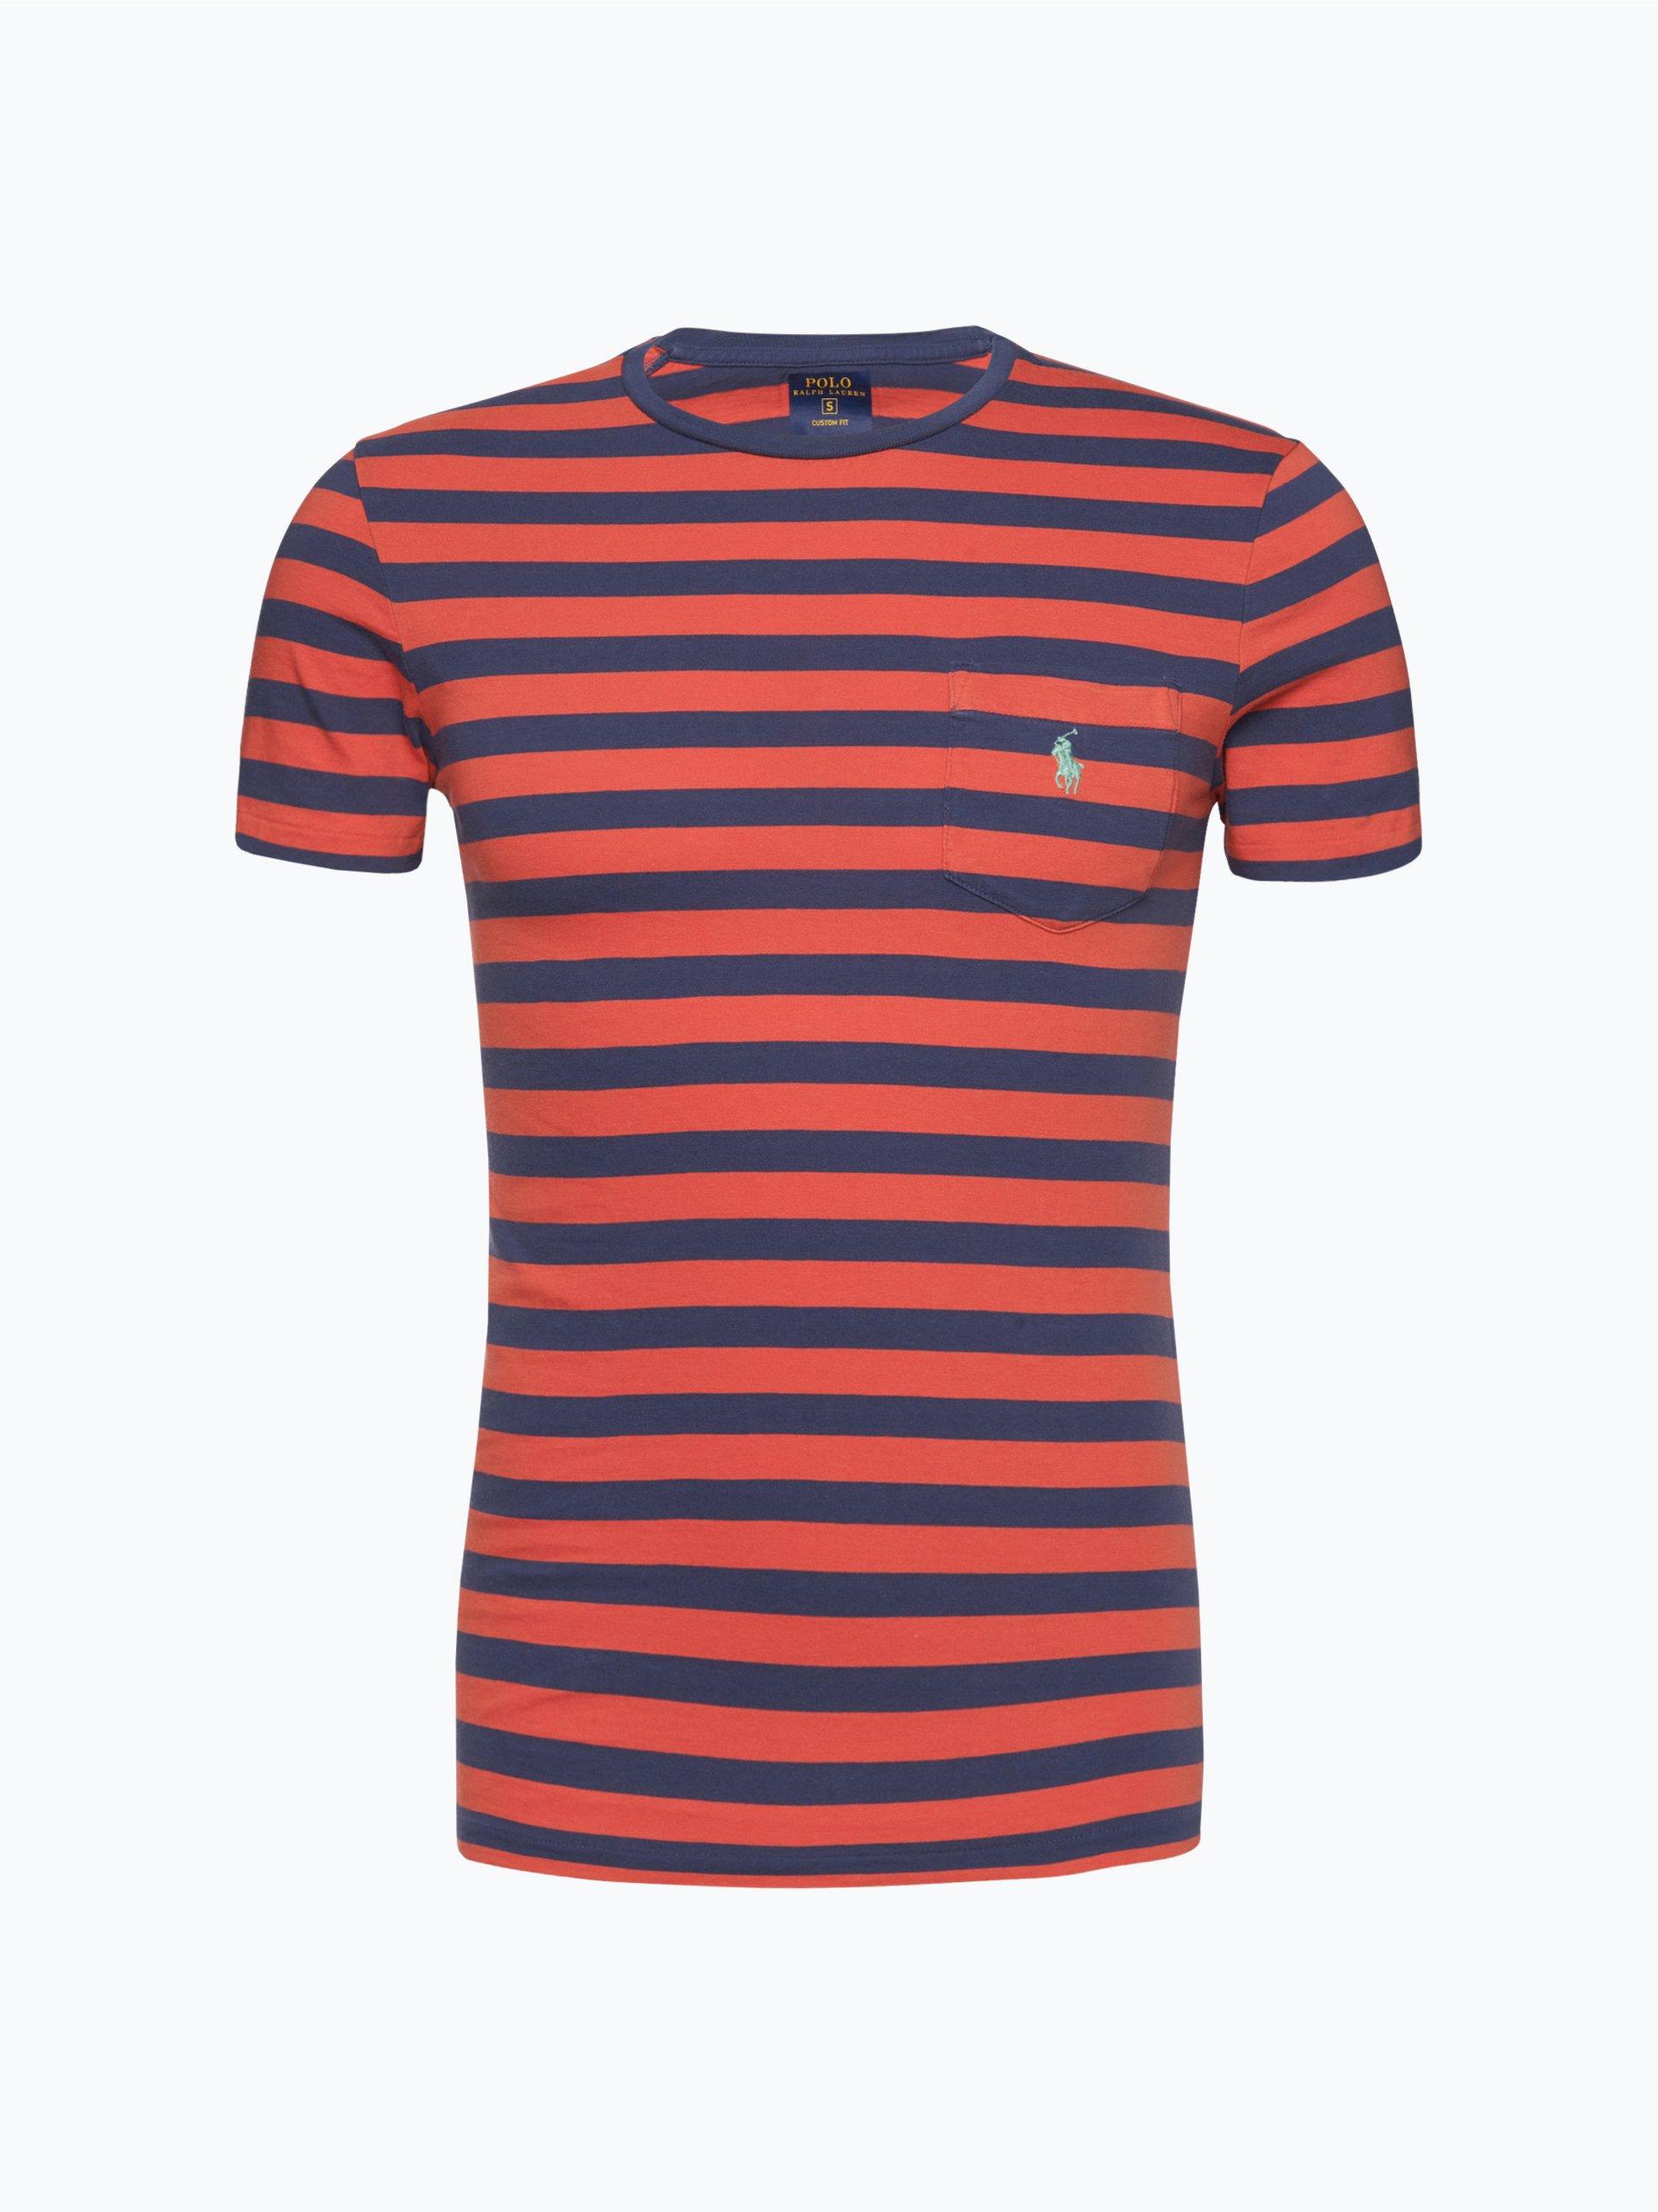 polo ralph lauren herren t shirt rot gestreift online kaufen vangraaf com. Black Bedroom Furniture Sets. Home Design Ideas